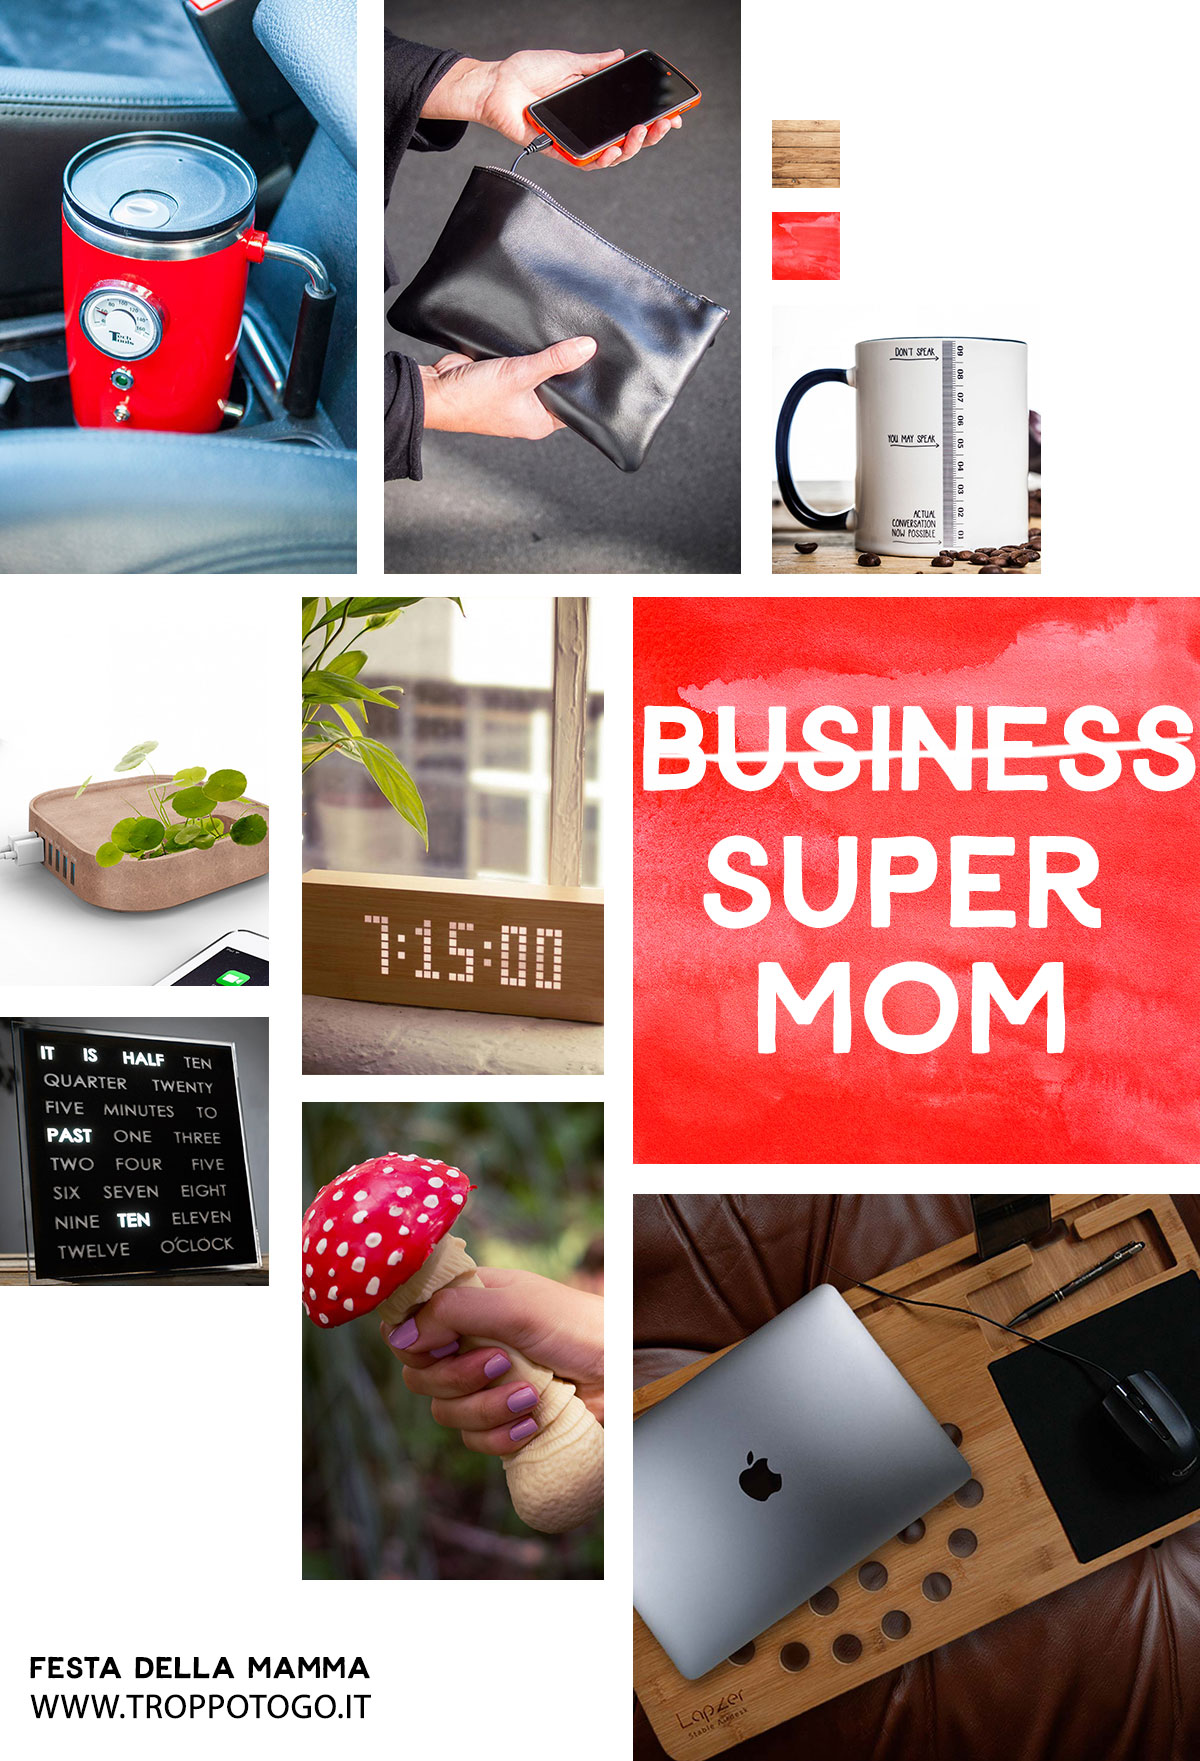 regalo festa della mamma - immagine centrale blogpost